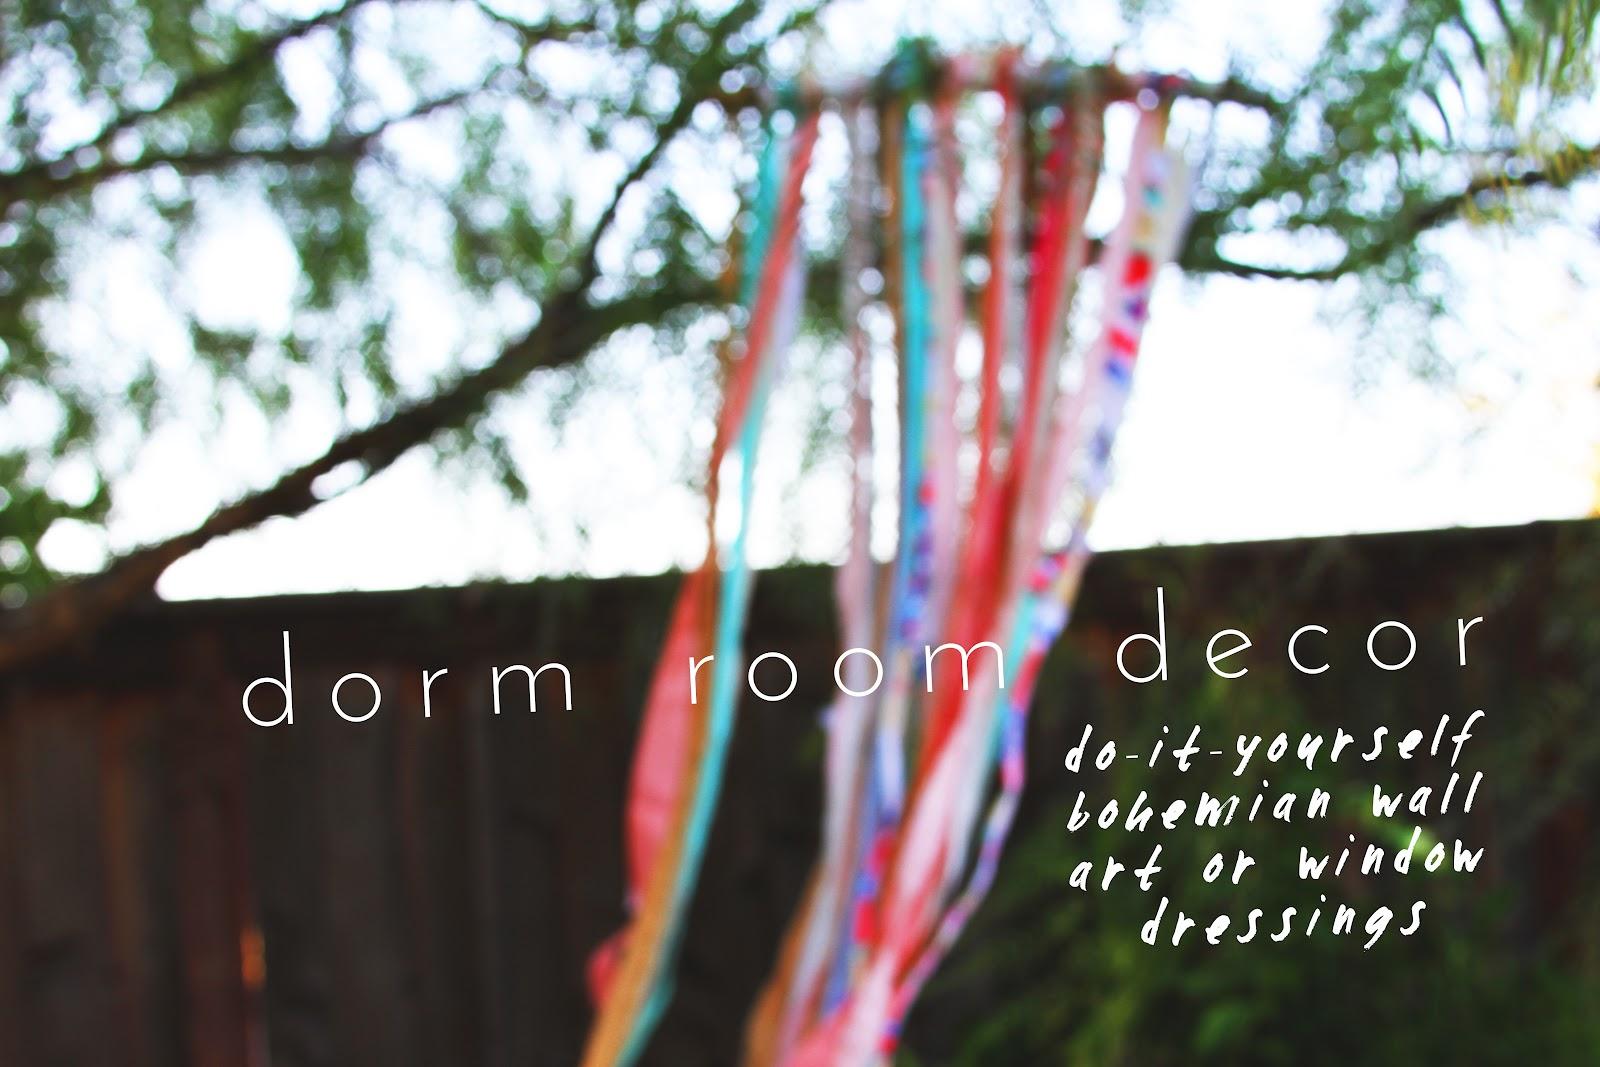 I like fall diy blog diy dorm room decor bohemian wall art window dressings - Diy bohemian wall art ...